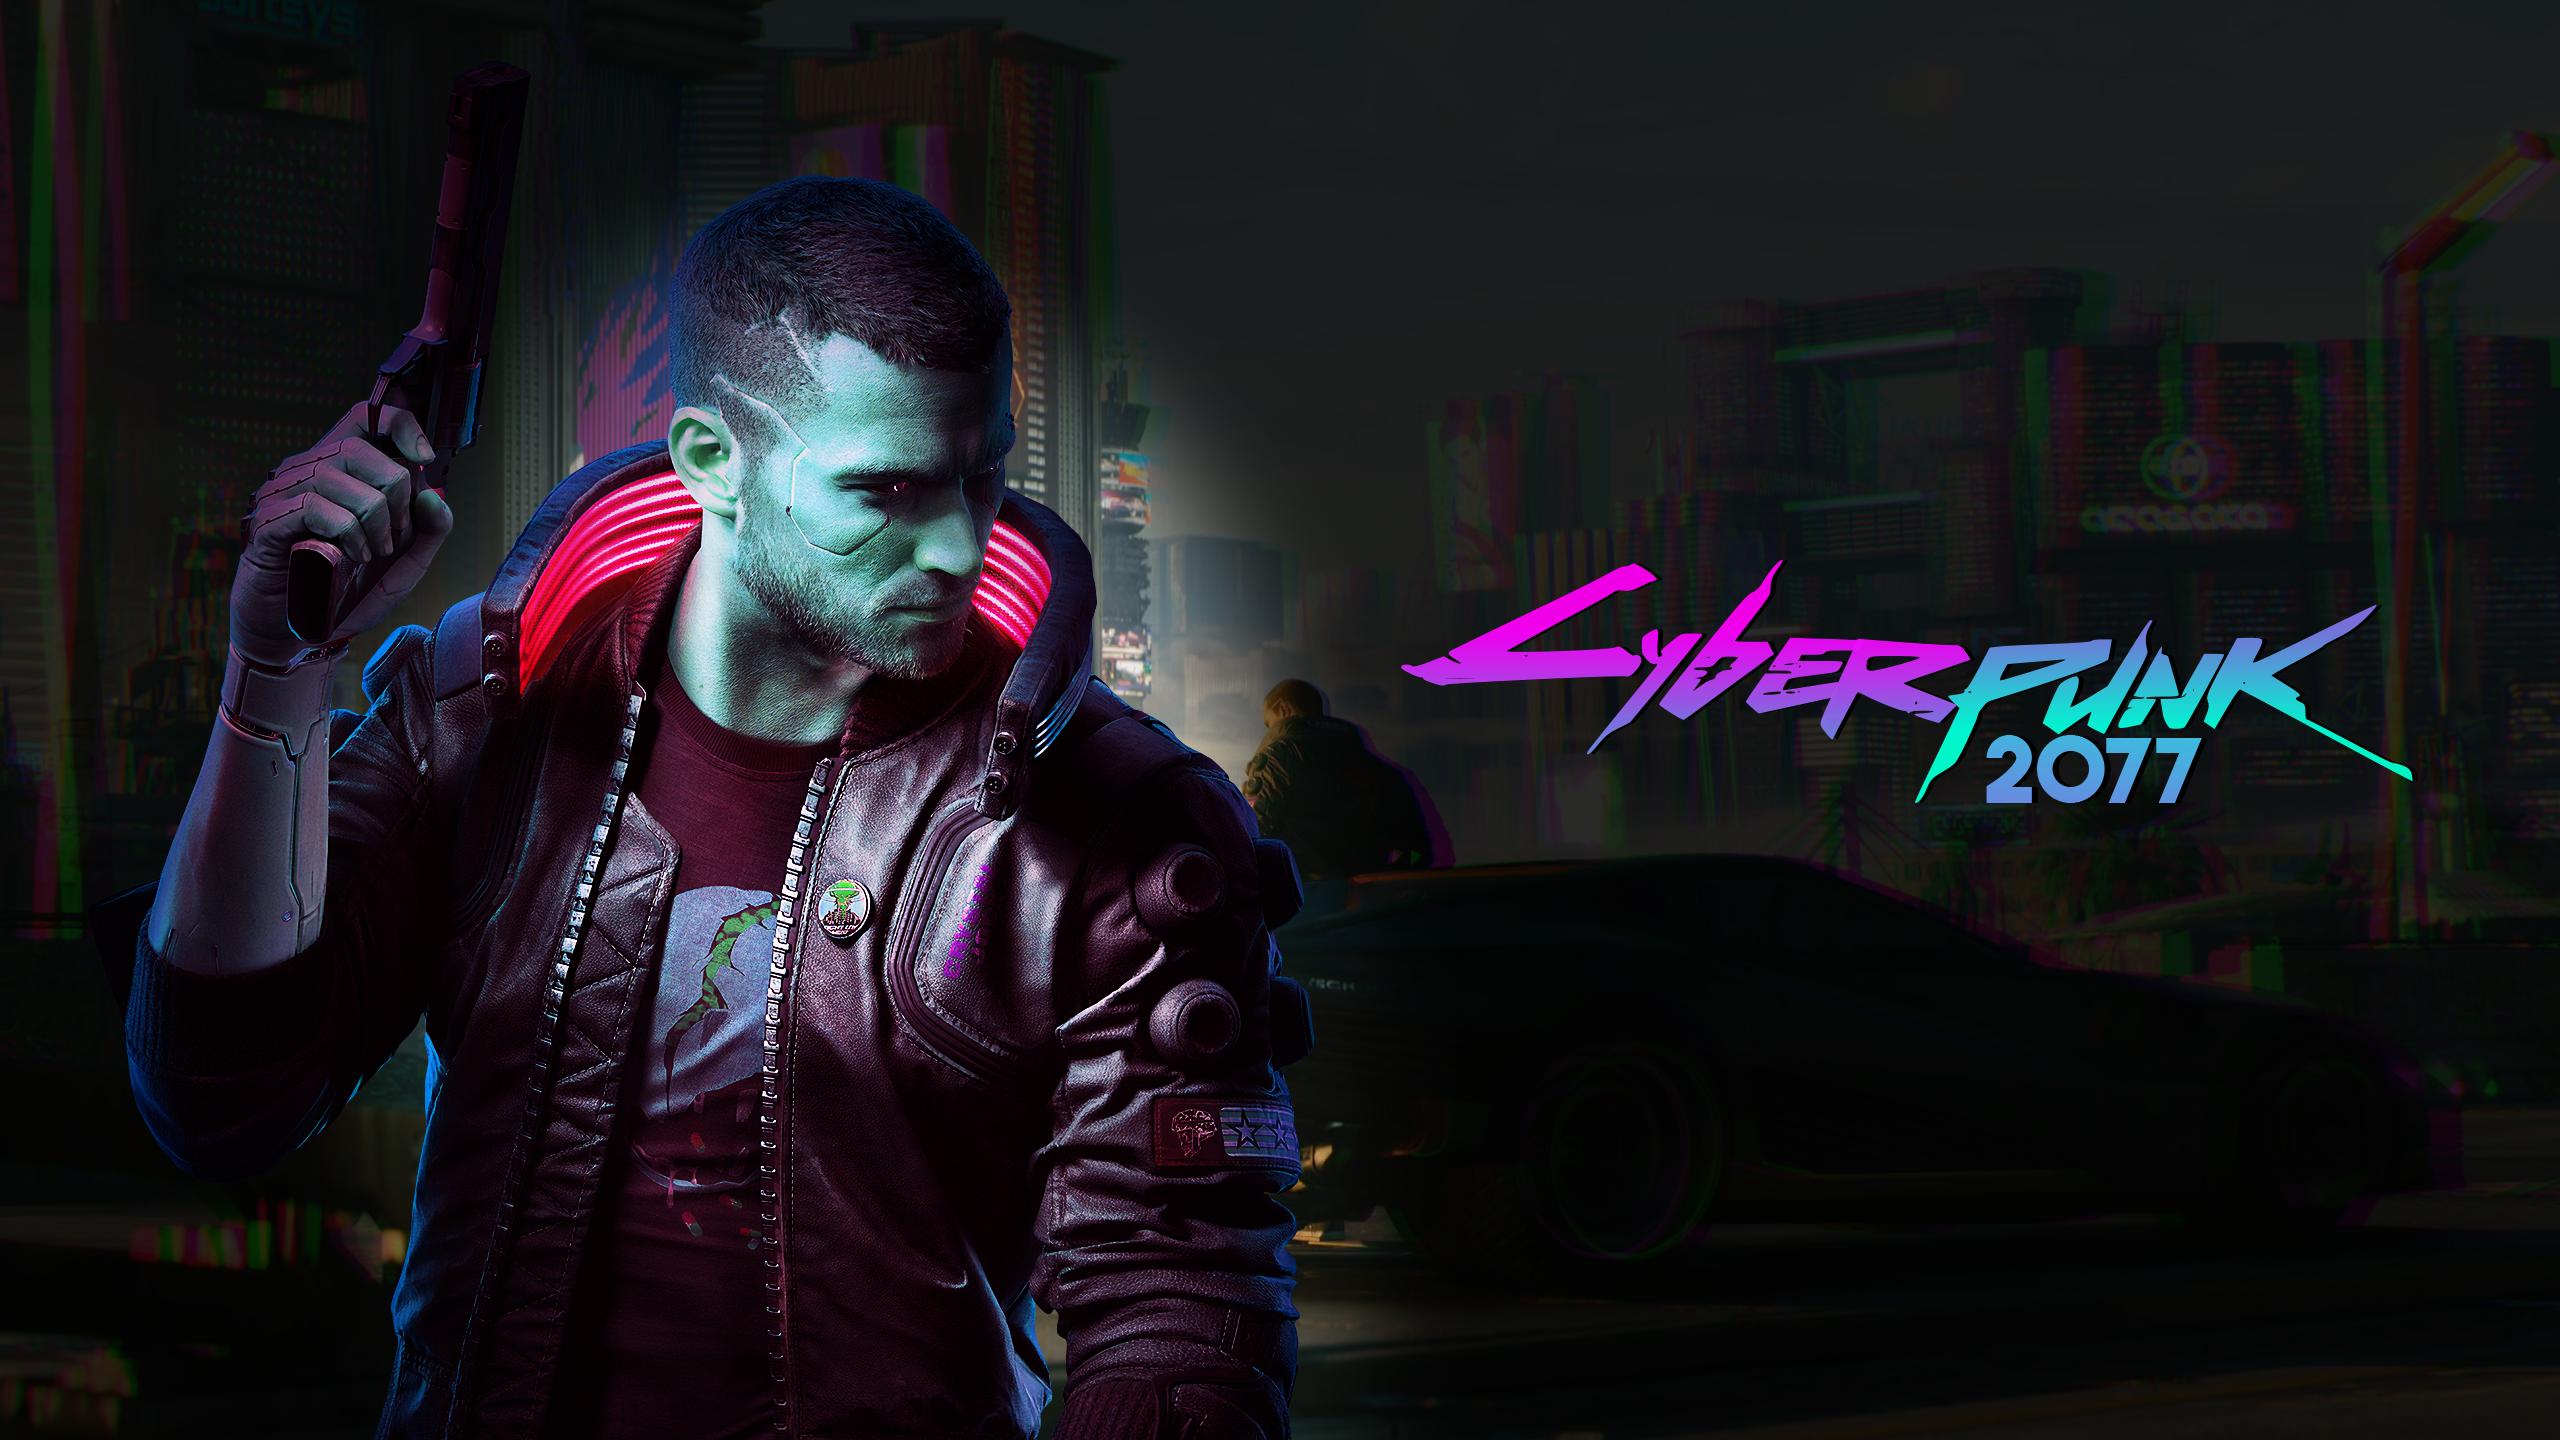 Cyberpunk 2077 Wallpaper No Blue Overlay 2560x1440